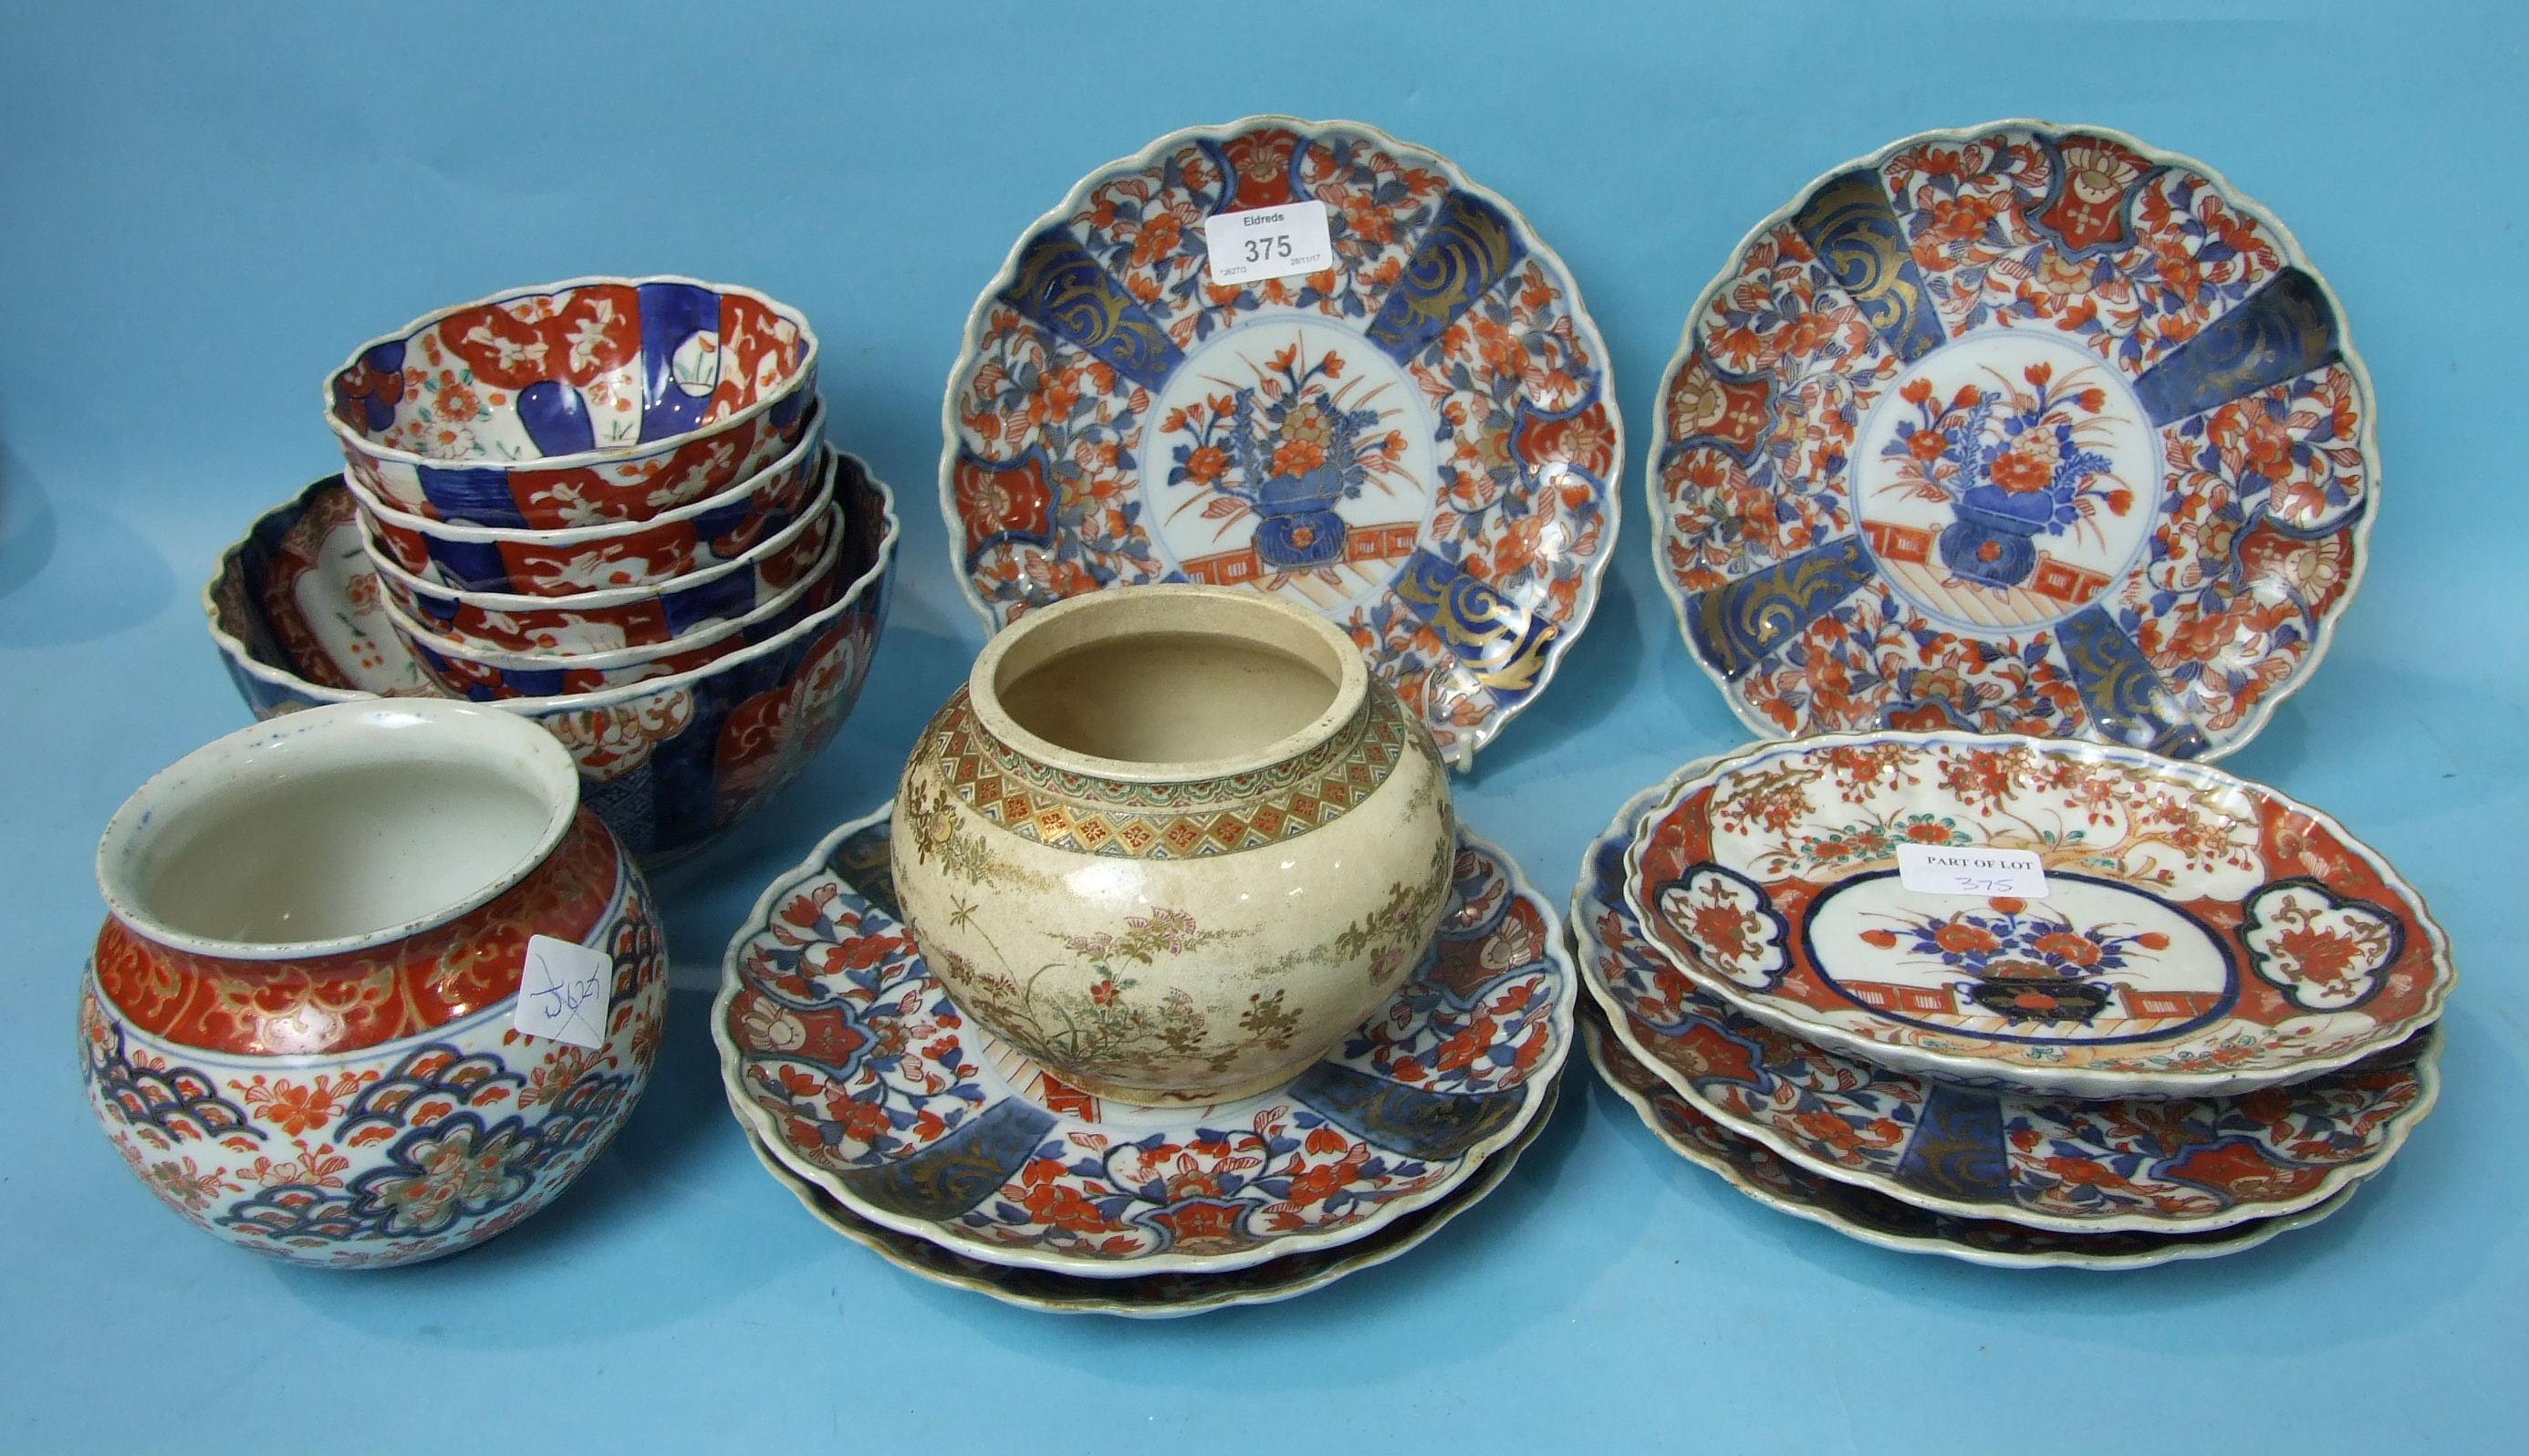 Lot 375 - A set of six Japanese Imari shaped-rim plates, 21cm diameter, a similar oval dish, six similar bowls